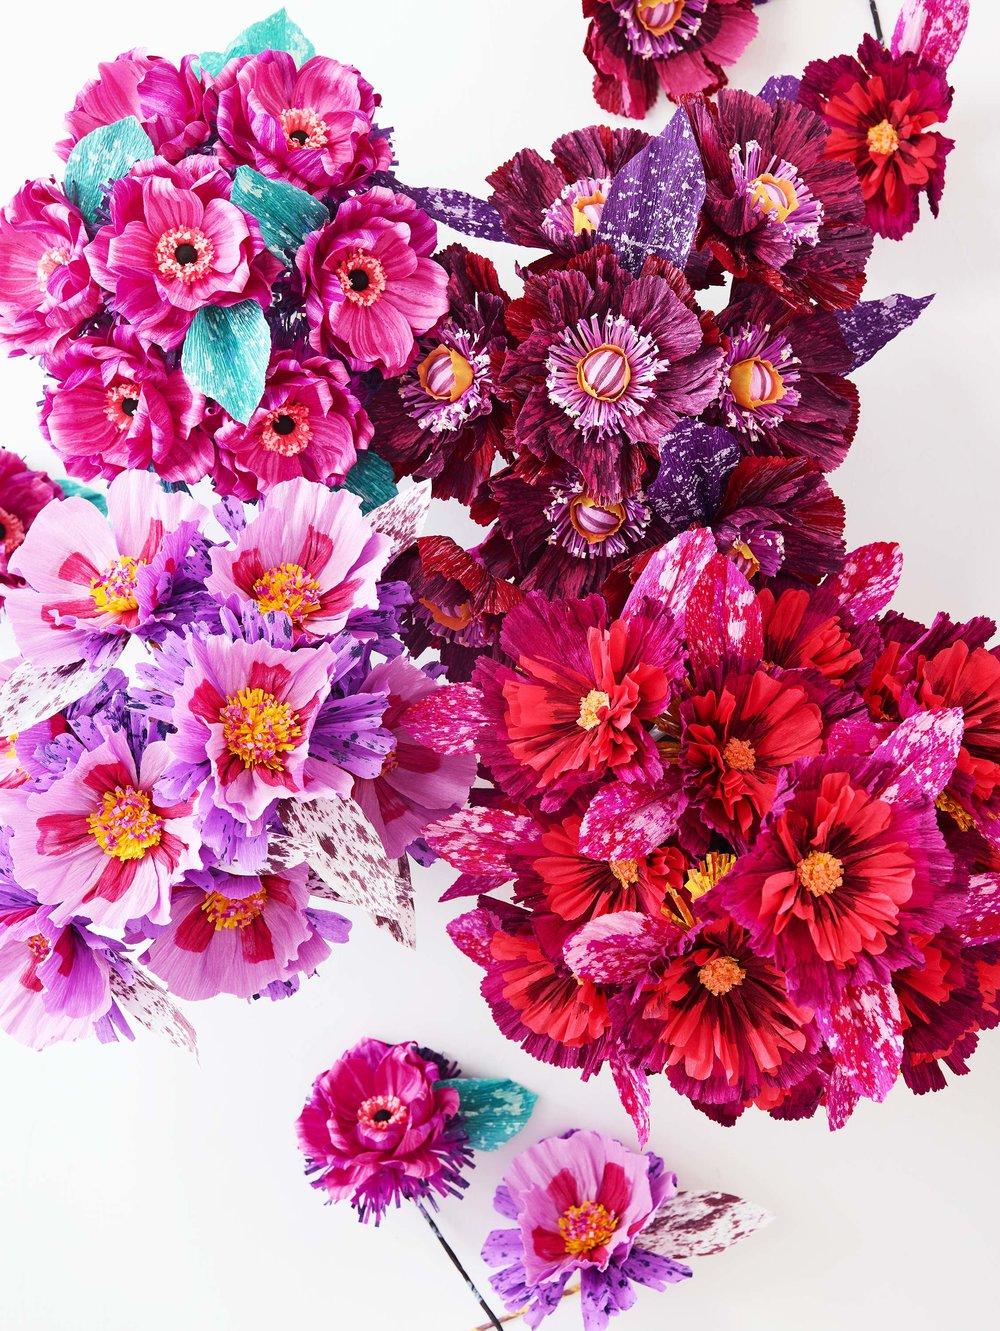 Paper-Flowers-09-17_0026.jpg